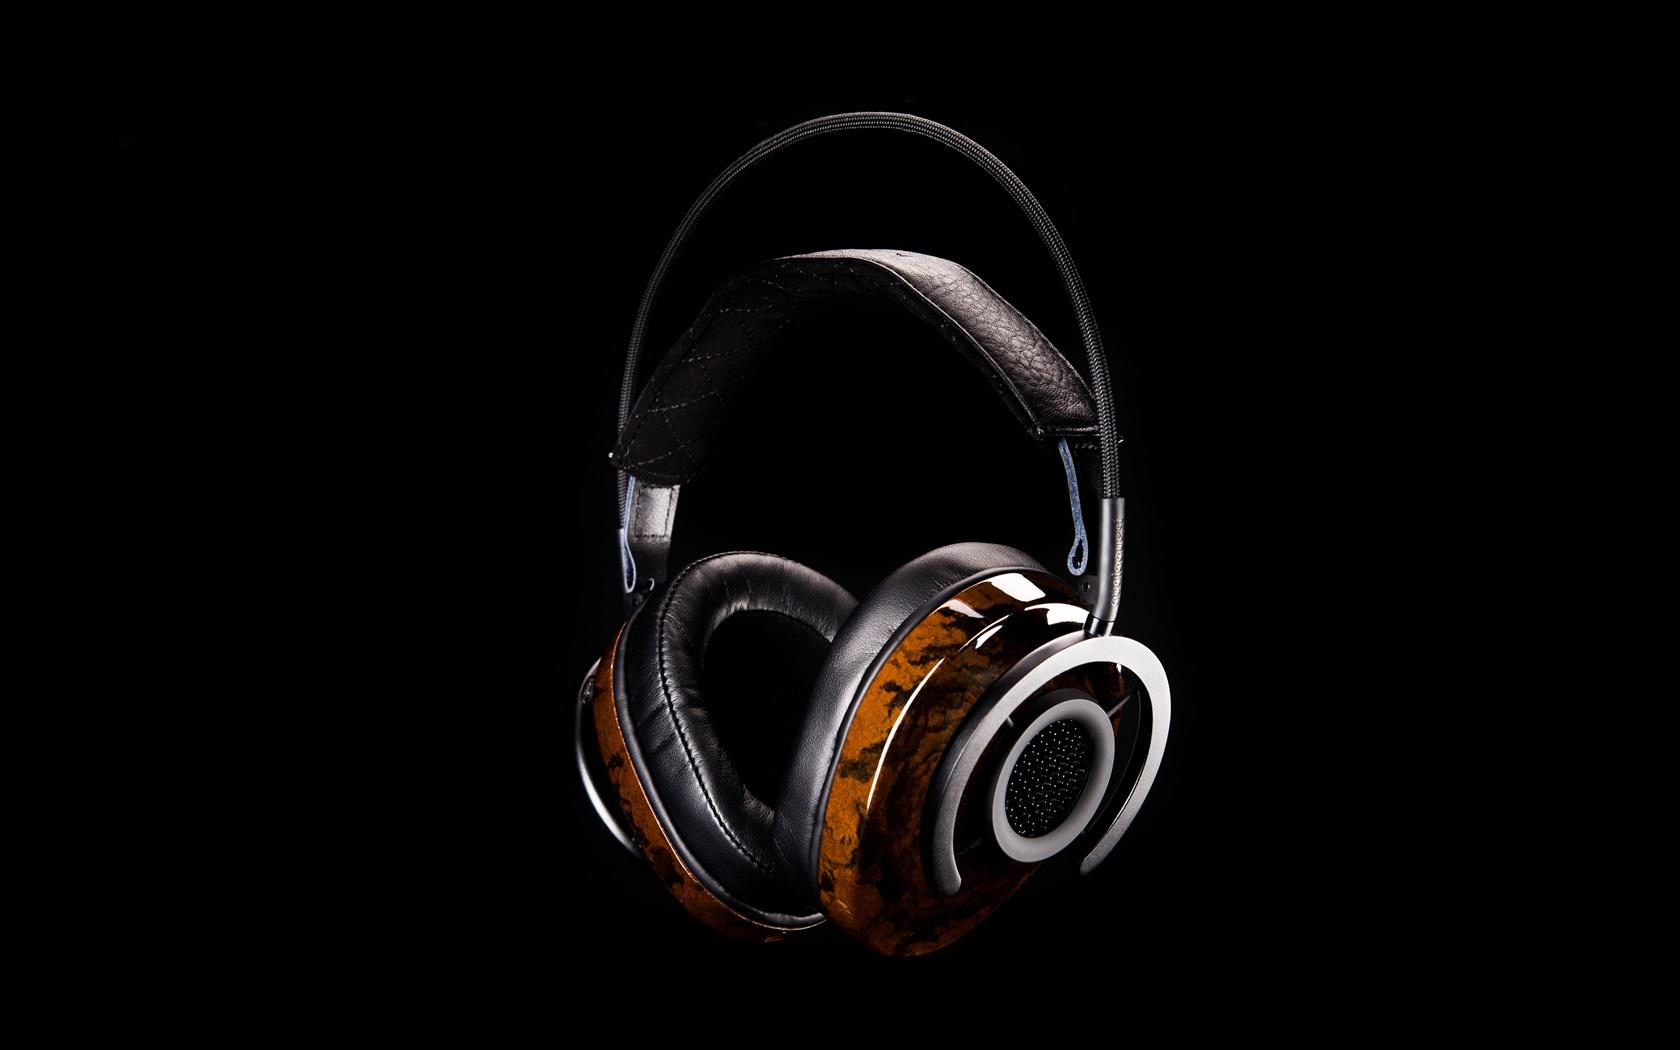 Fondos De Pantalla Iphone 7 Plus: Auriculares, Audio, Fondo Negro 1080x1920 IPhone 8/7/6/6S